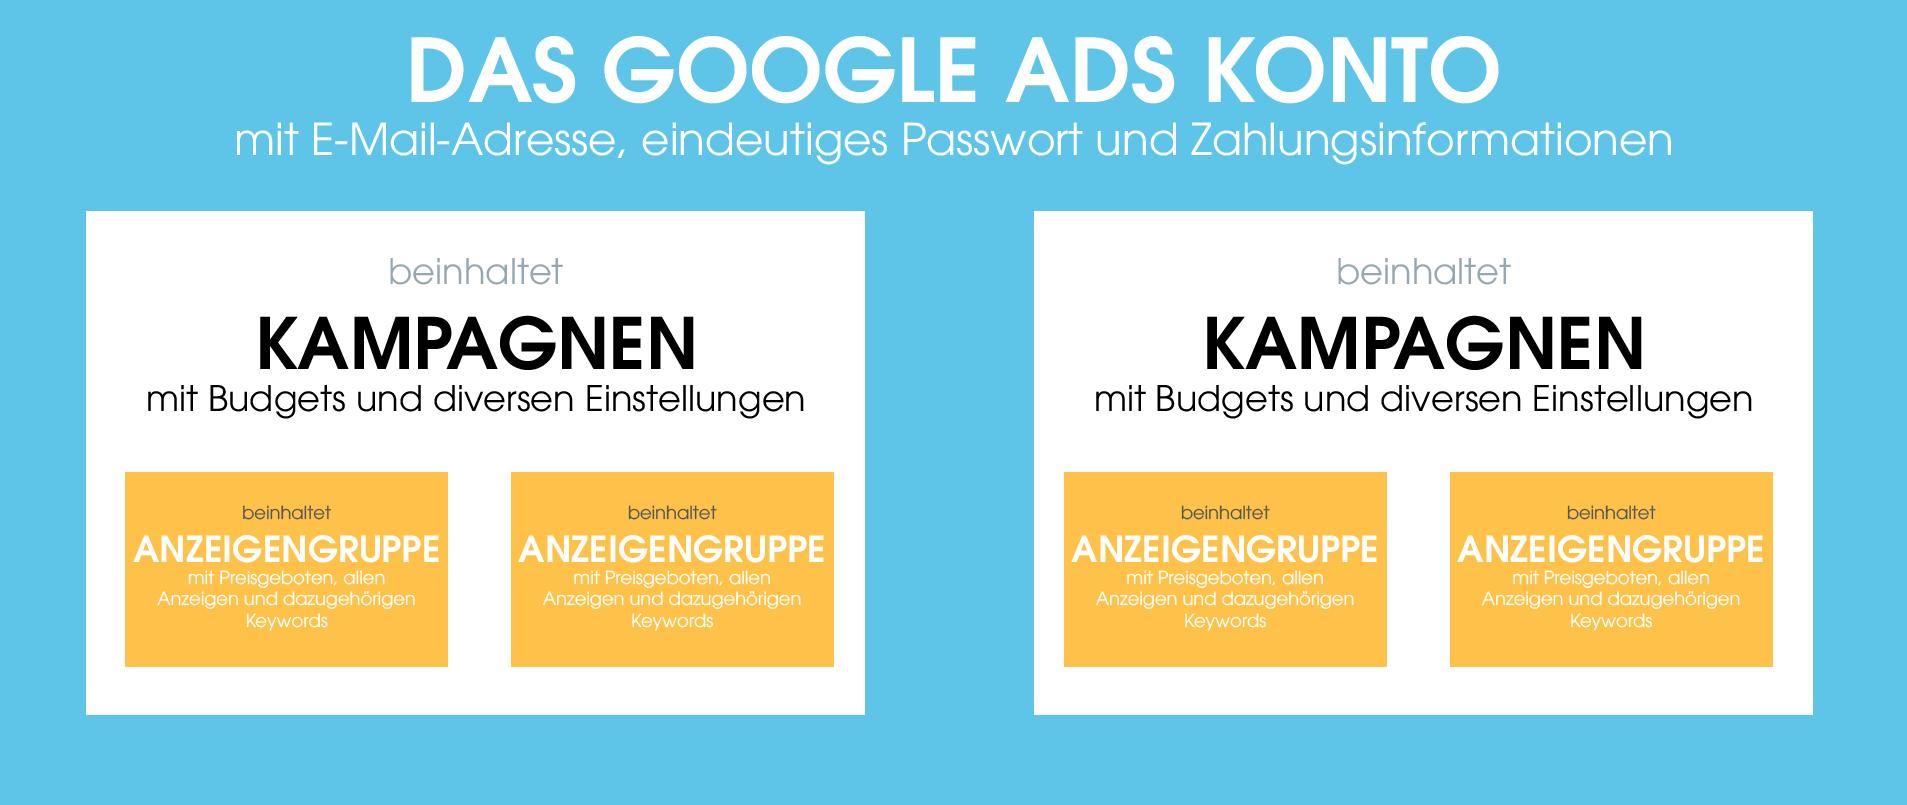 In der Grafik ist der Aufbau eines Google Ads Kontos zu sehen. Es beinhaltet verschiedene Kampagnen, welche wiederum Anzeigegruppen beinhalten, in denen die Preisgebote, Anzeigen und Keywords zu finden sind.